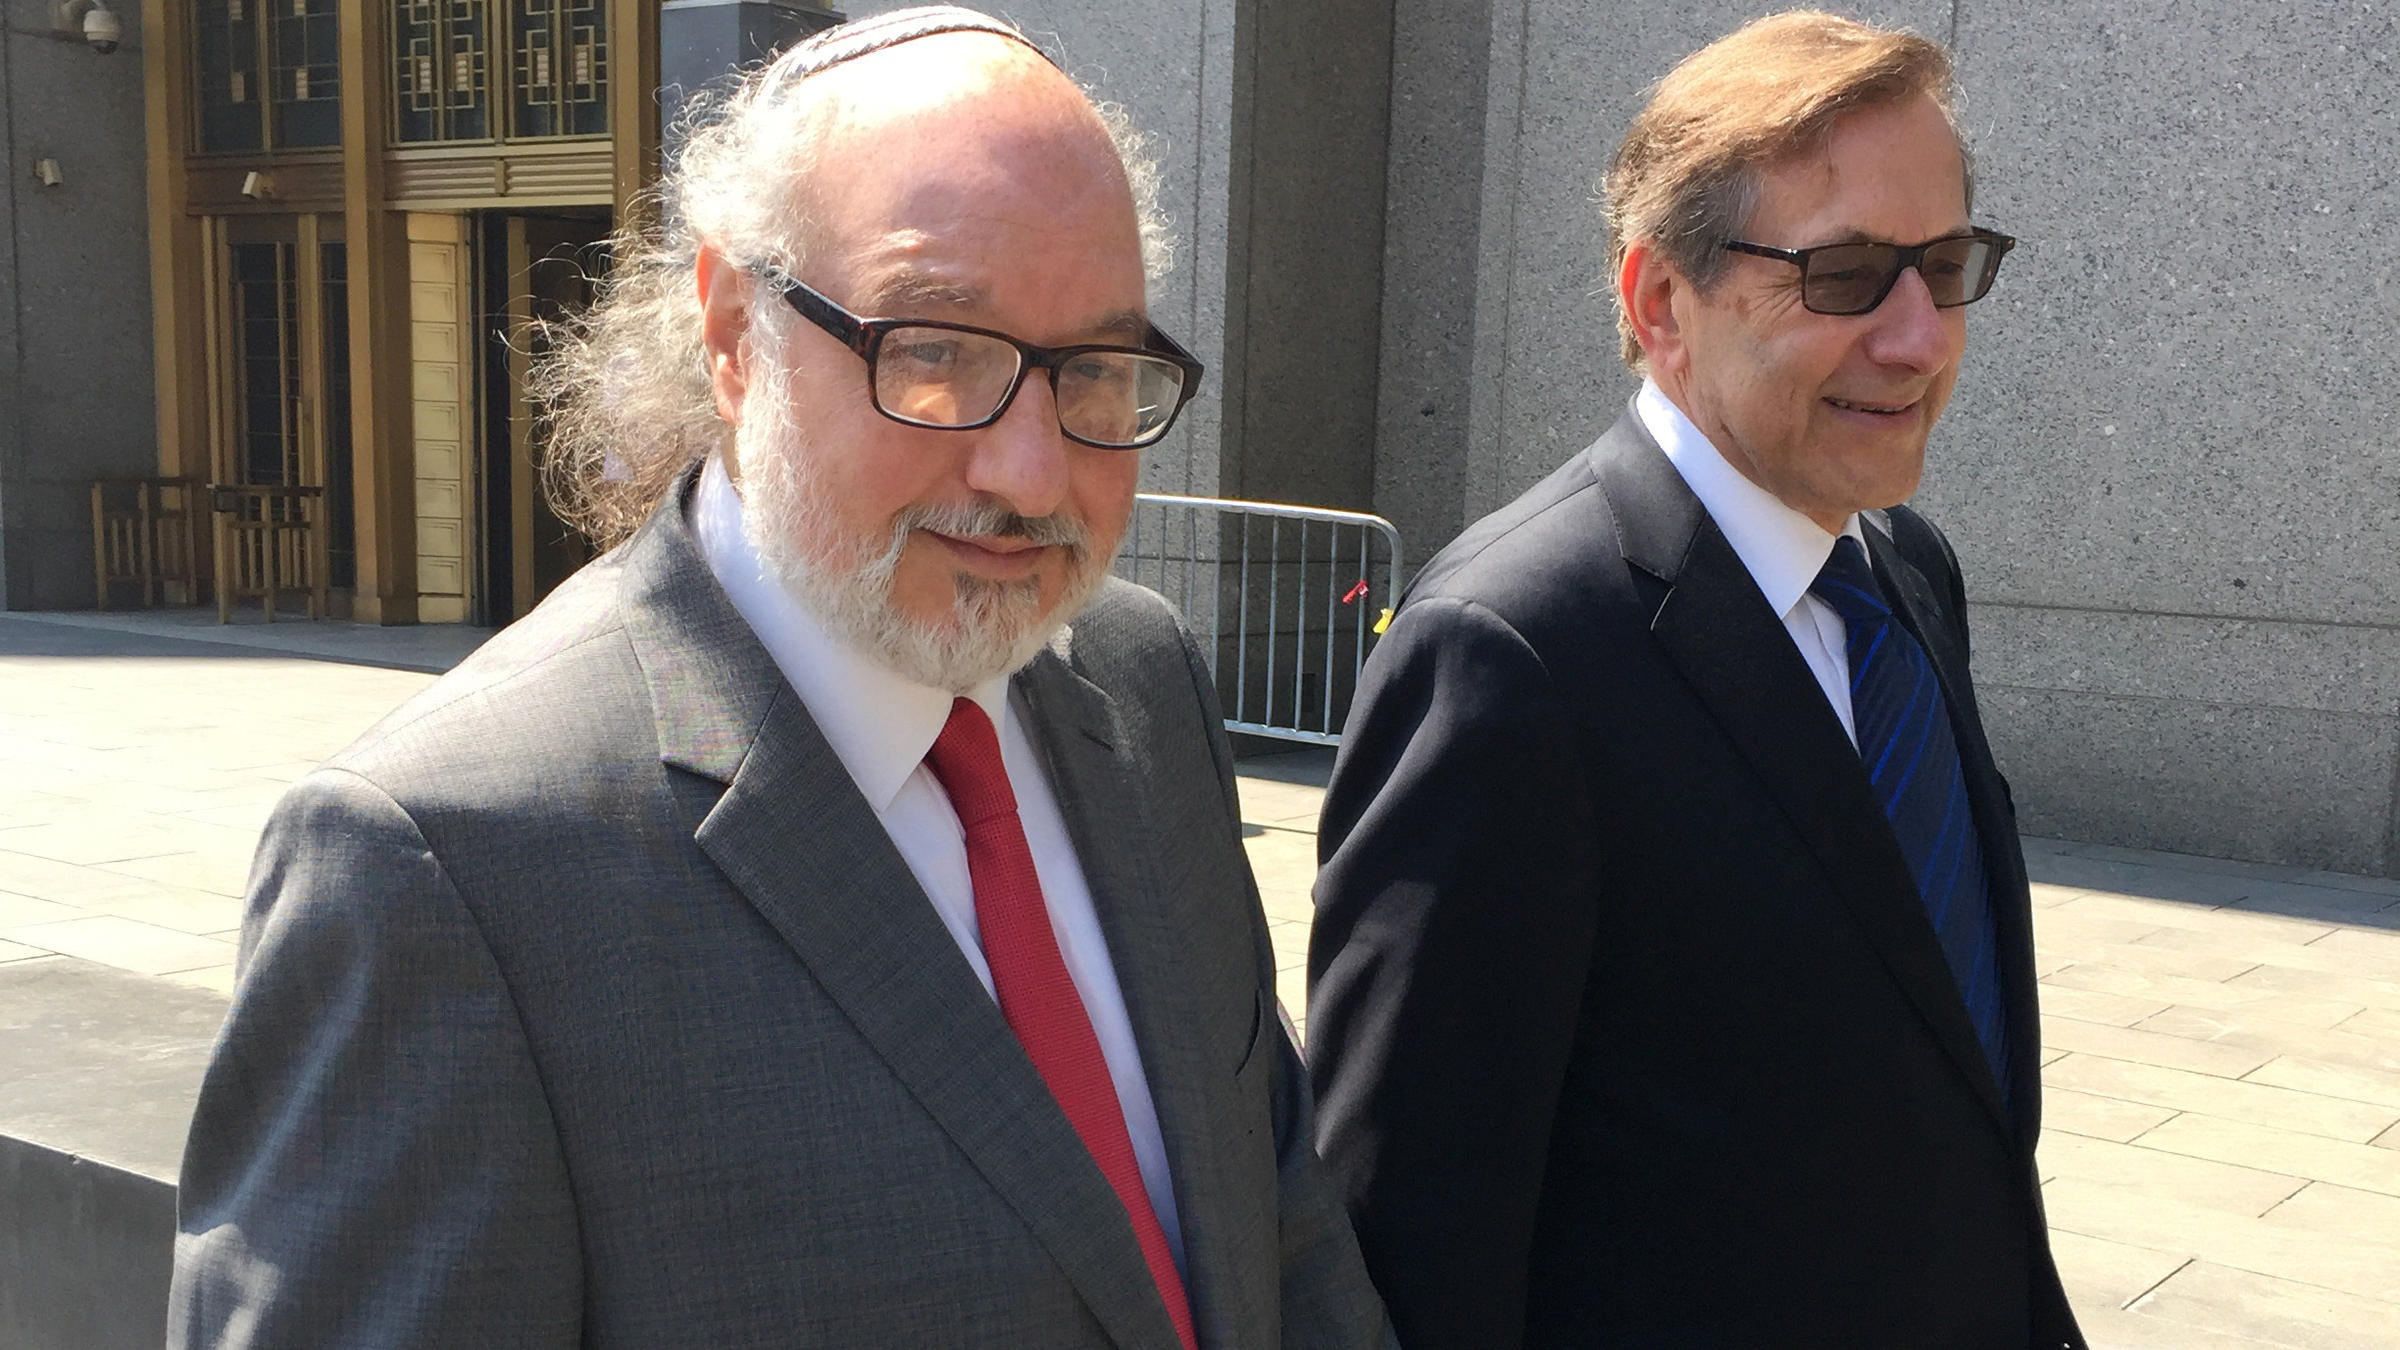 Netanyahu greets released USA spy